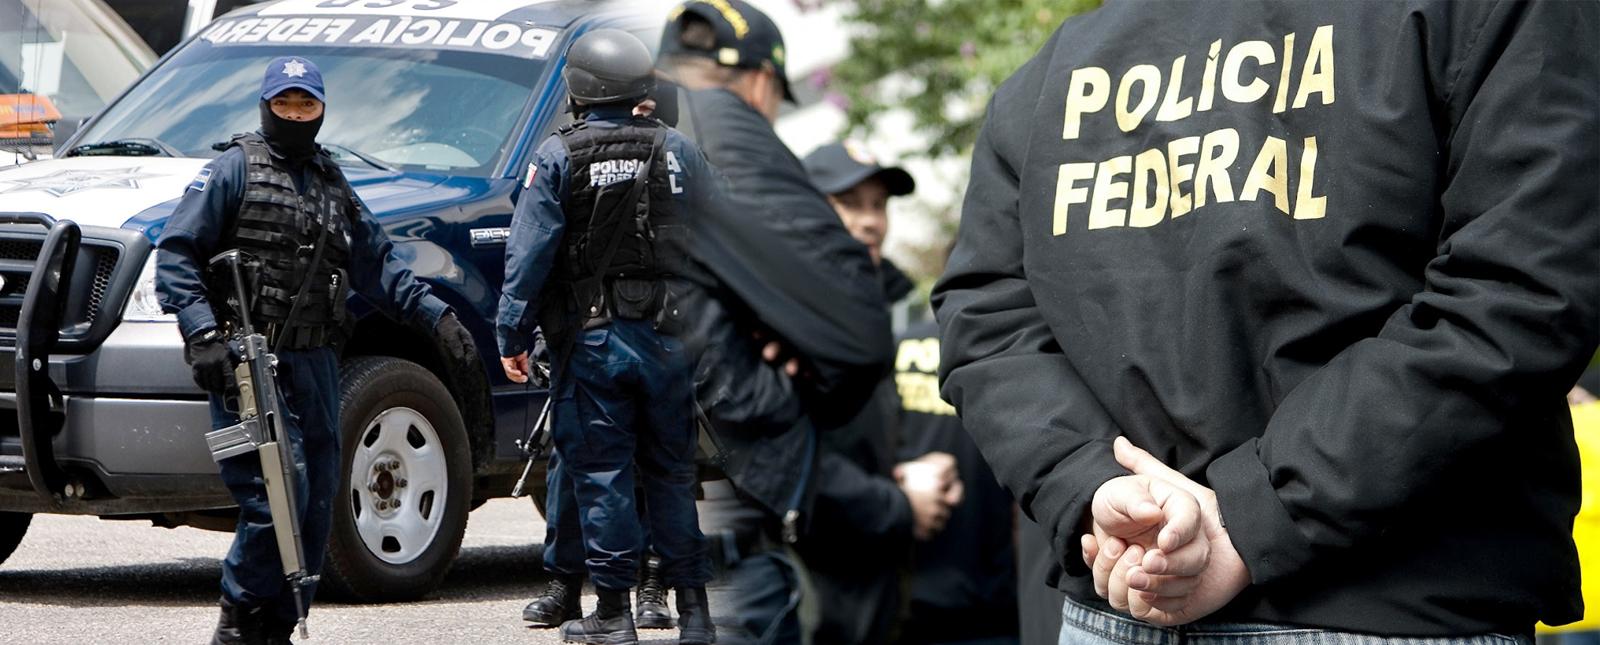 Edital para a Polícia Federal em breve